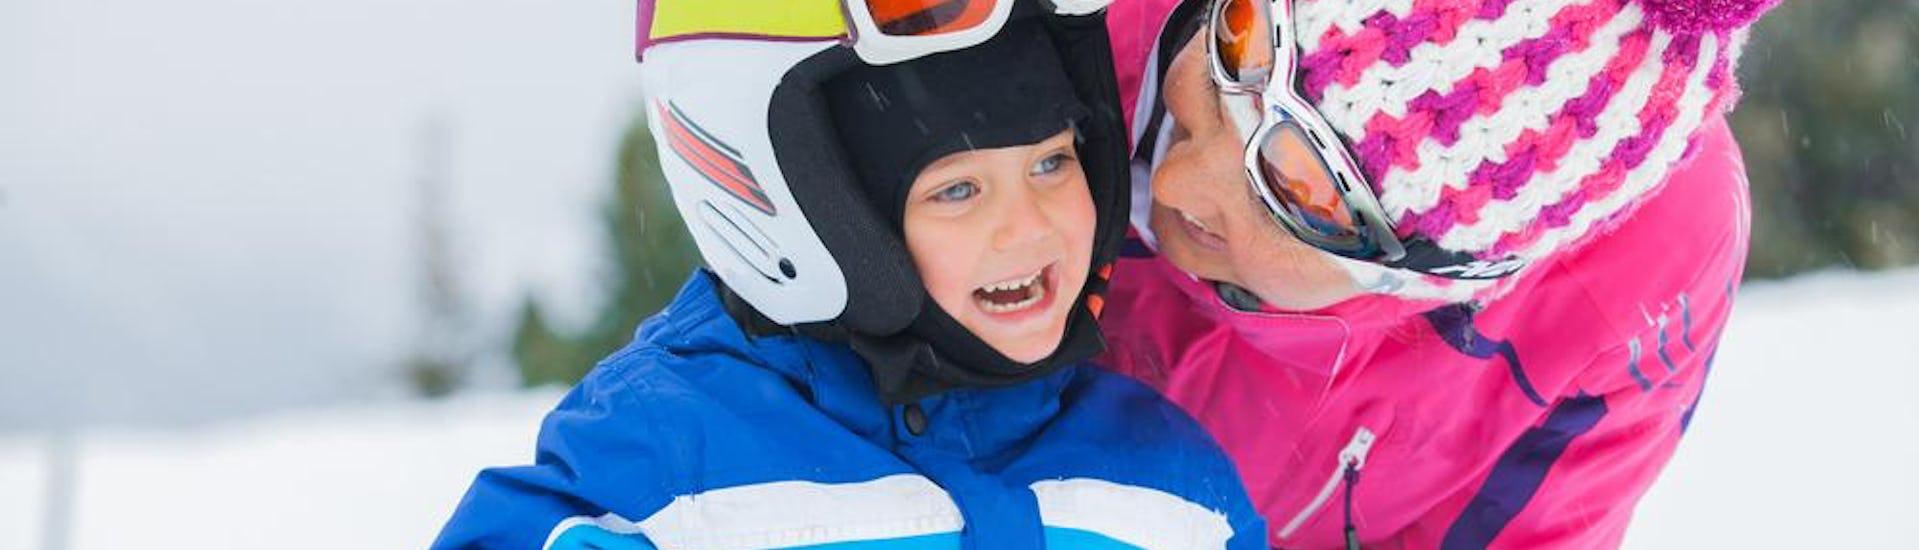 Ski - Private Lesson for Kids